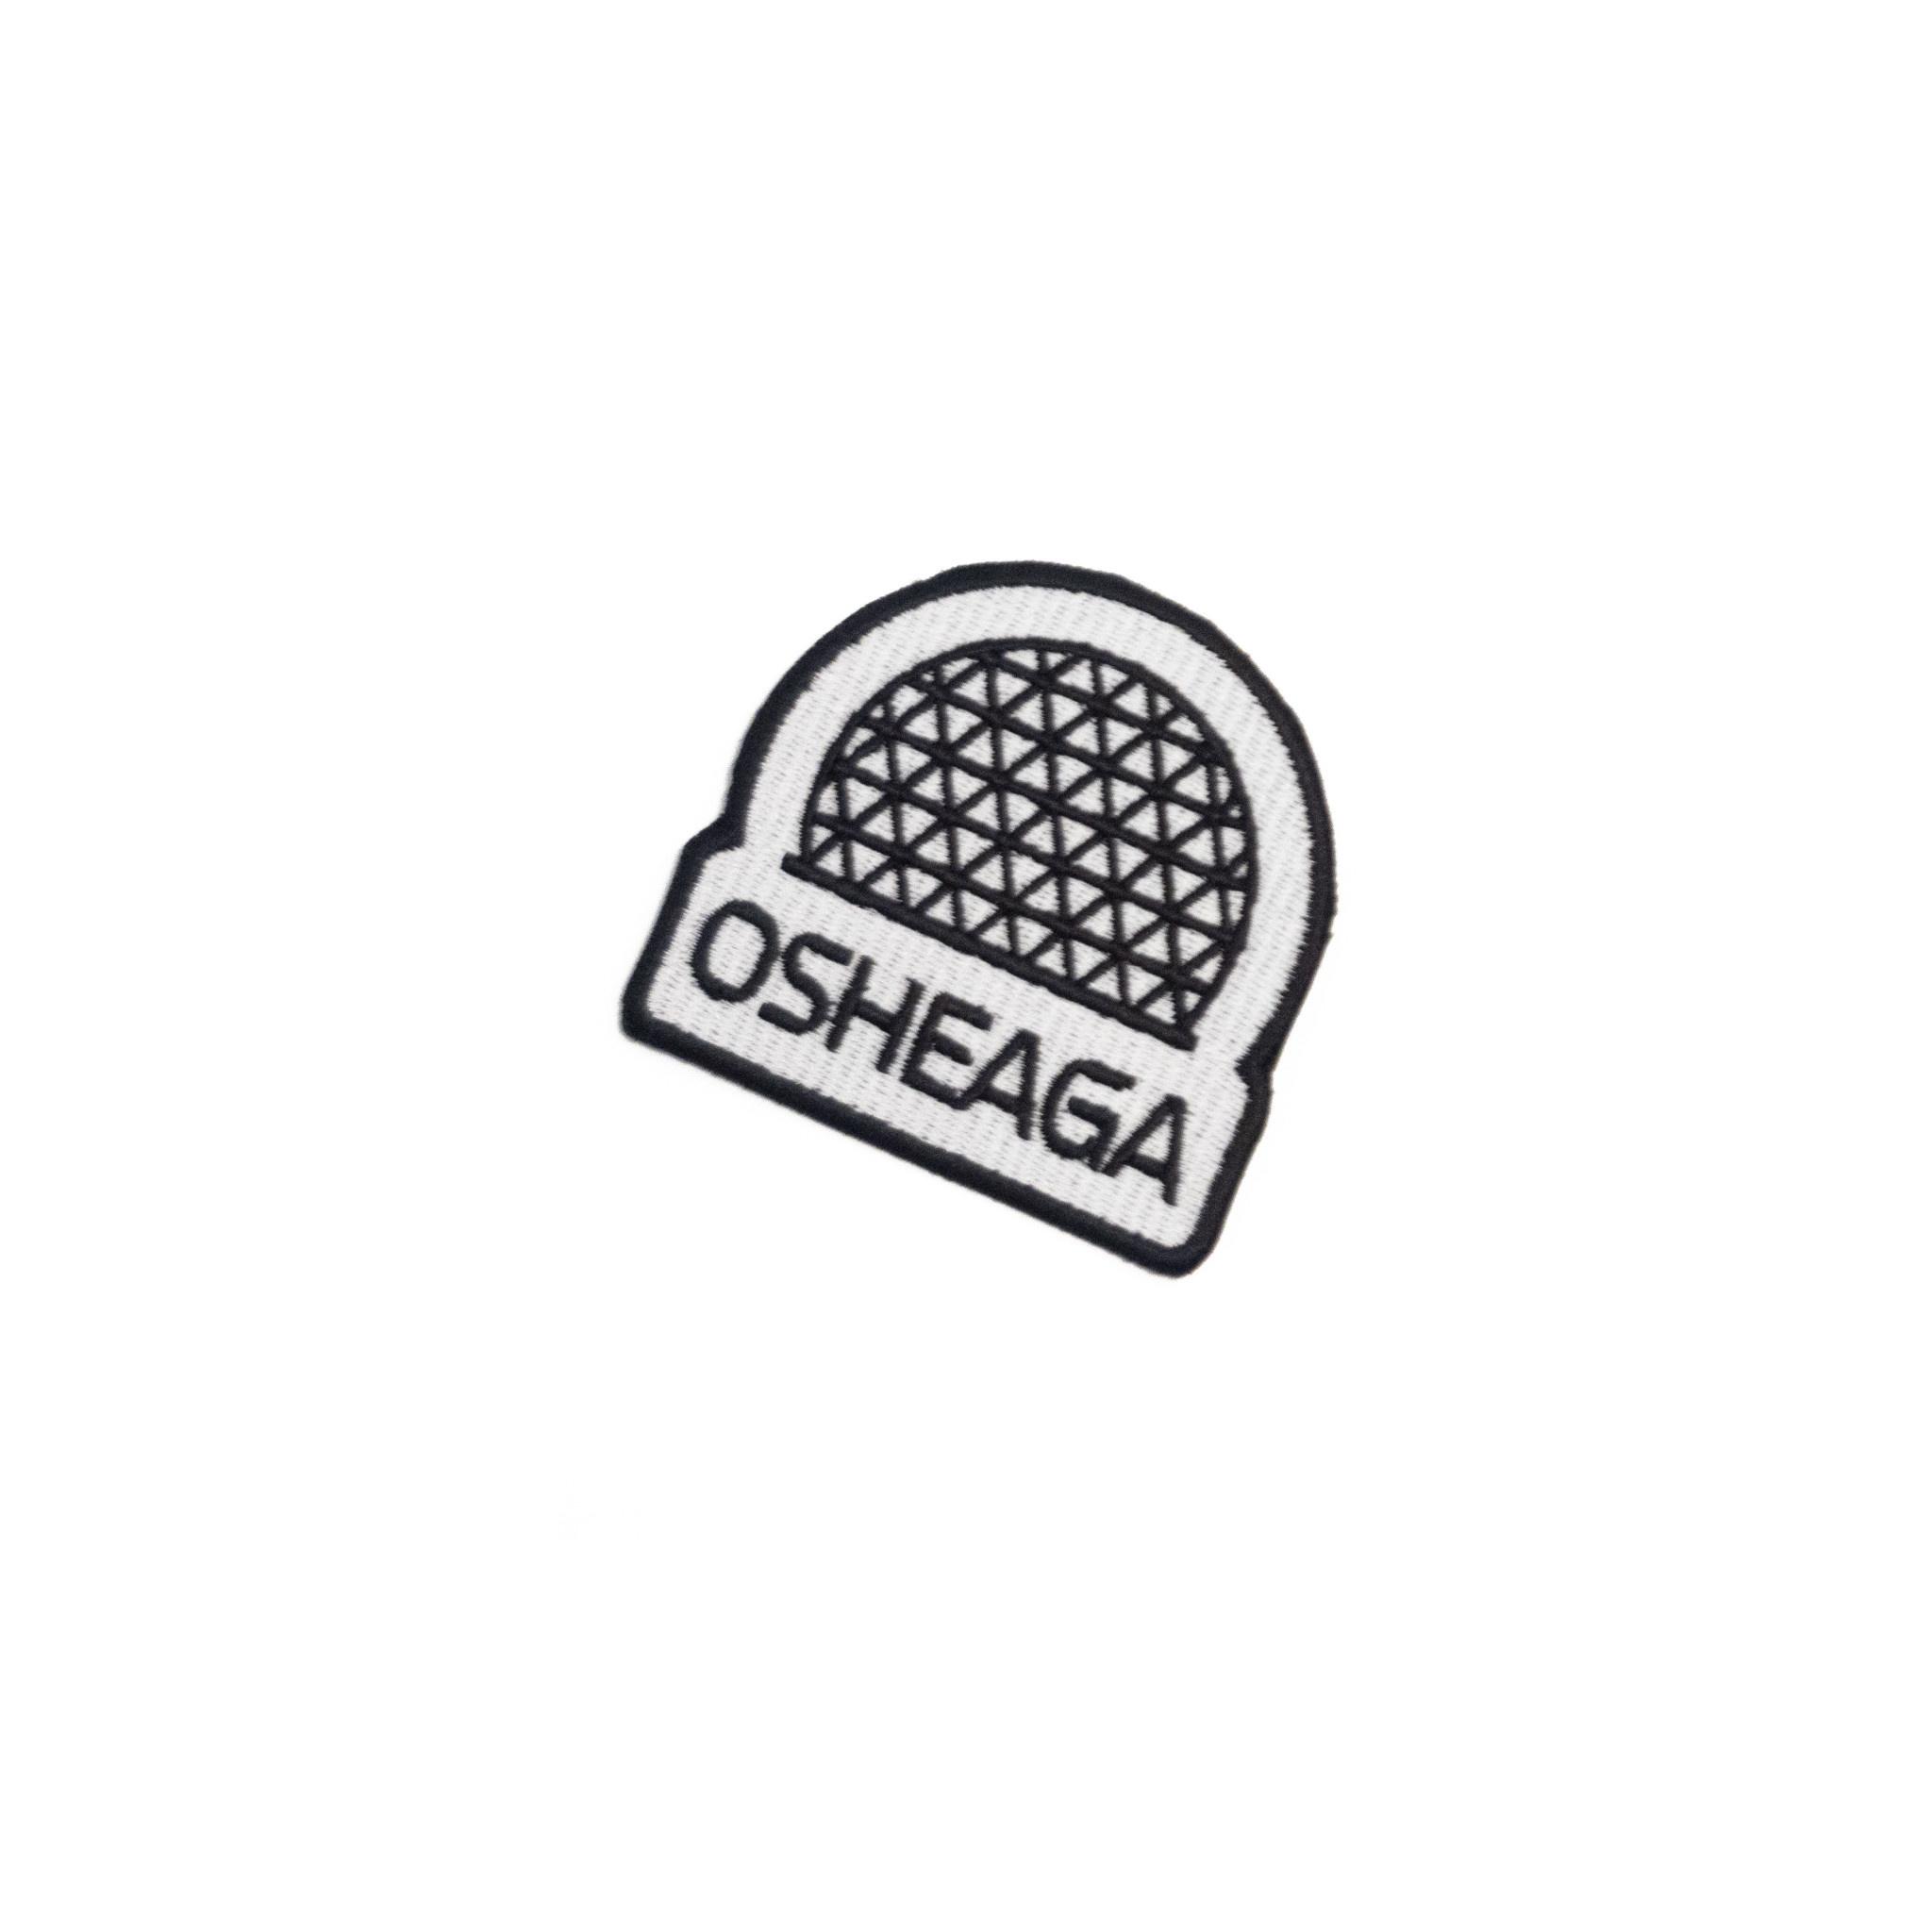 Osheaga Patche biodome logo Osheaga